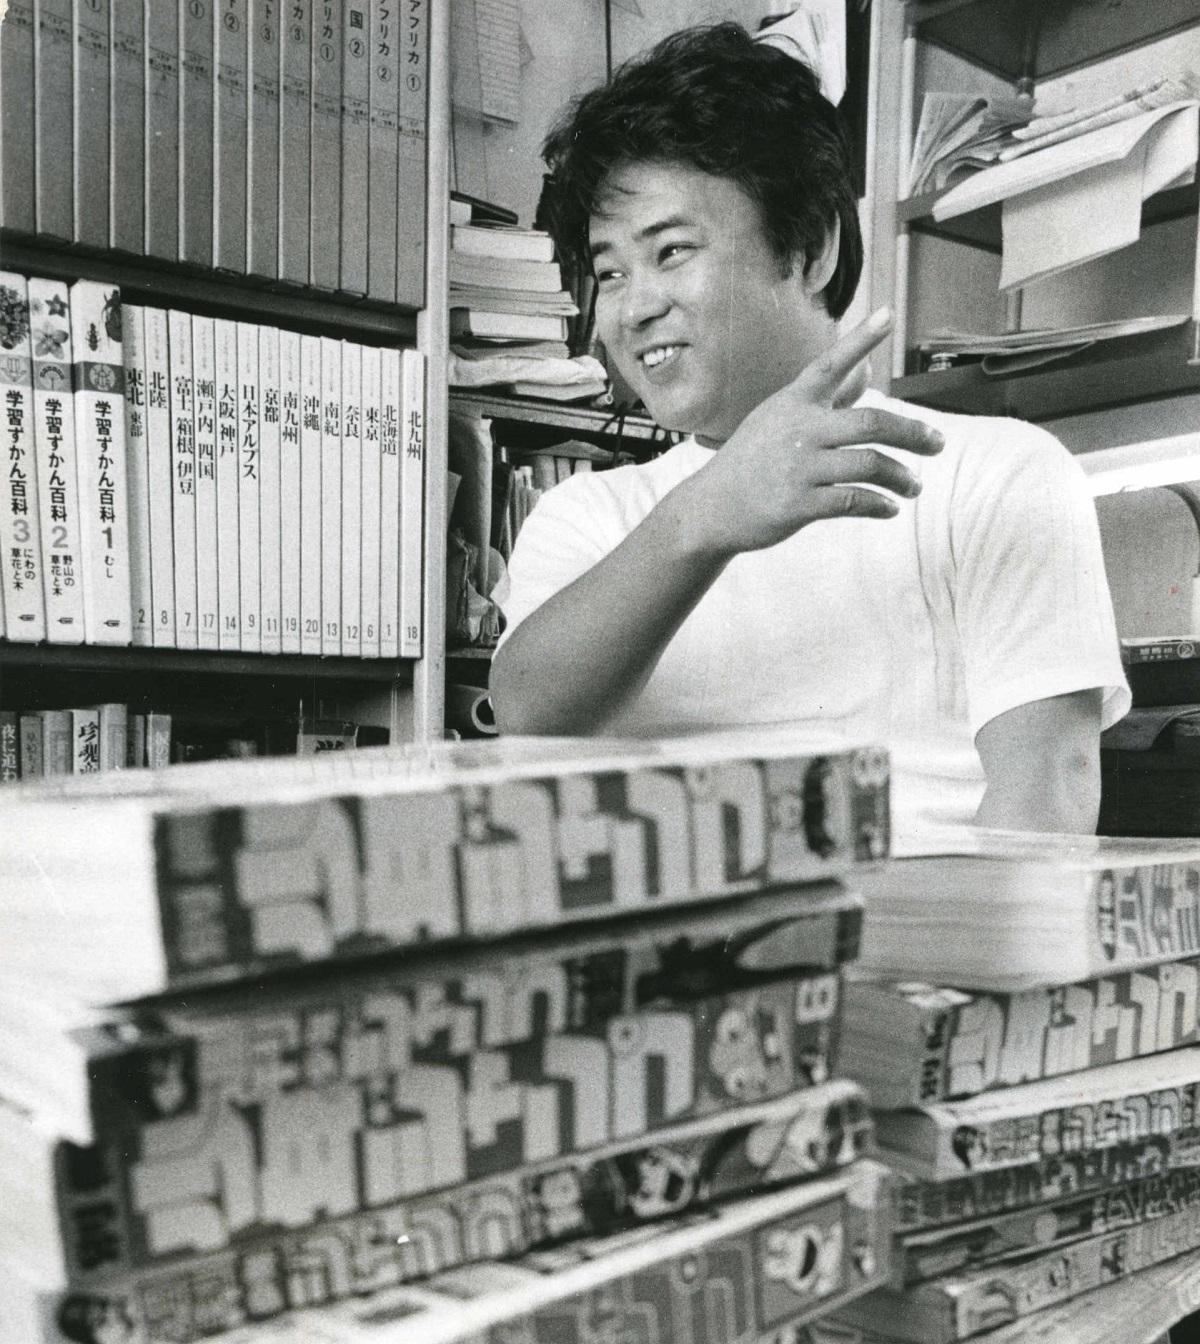 『はだしのゲン』を「週刊少年ジャンプ」で連載していたころの中沢啓治さん